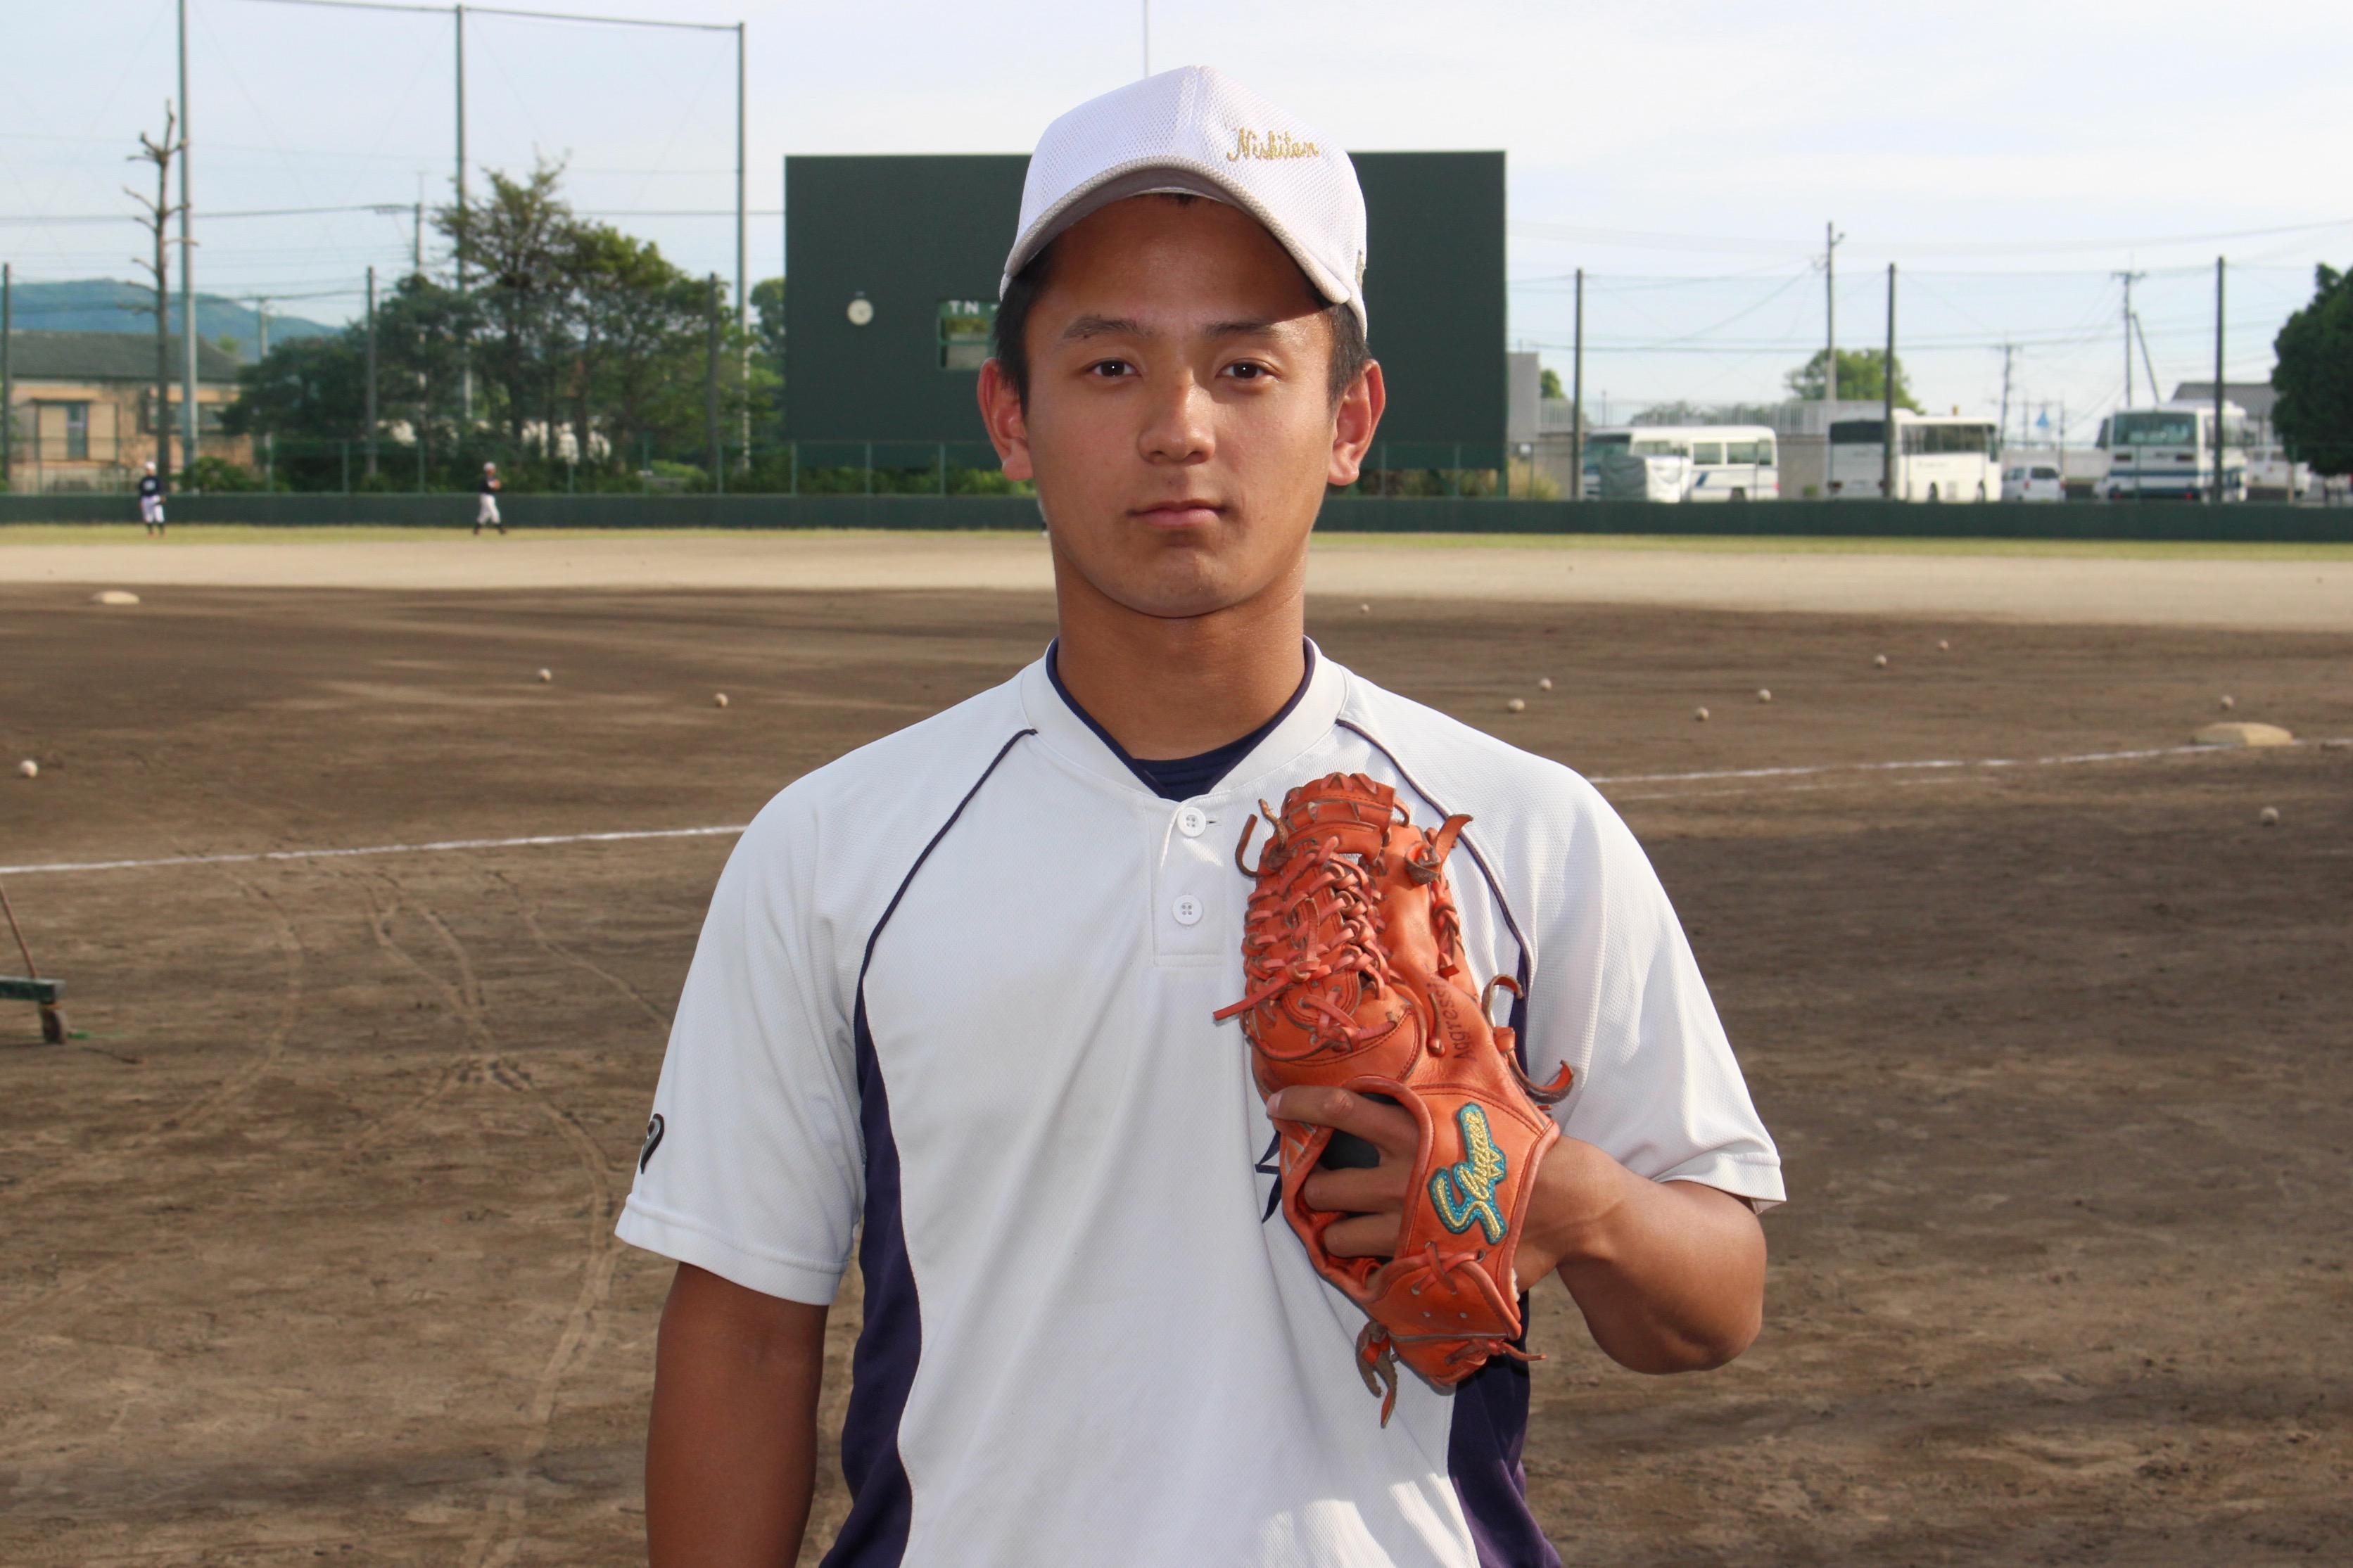 近藤大樹(こんどう・だいき)・・・2001年9月5日生まれ。福岡県飯塚市出身。嘉麻ボーイズ(硬式/ポニーリーグ)→西日本短大附高3年。170cm70kg。右投右打。内野手。